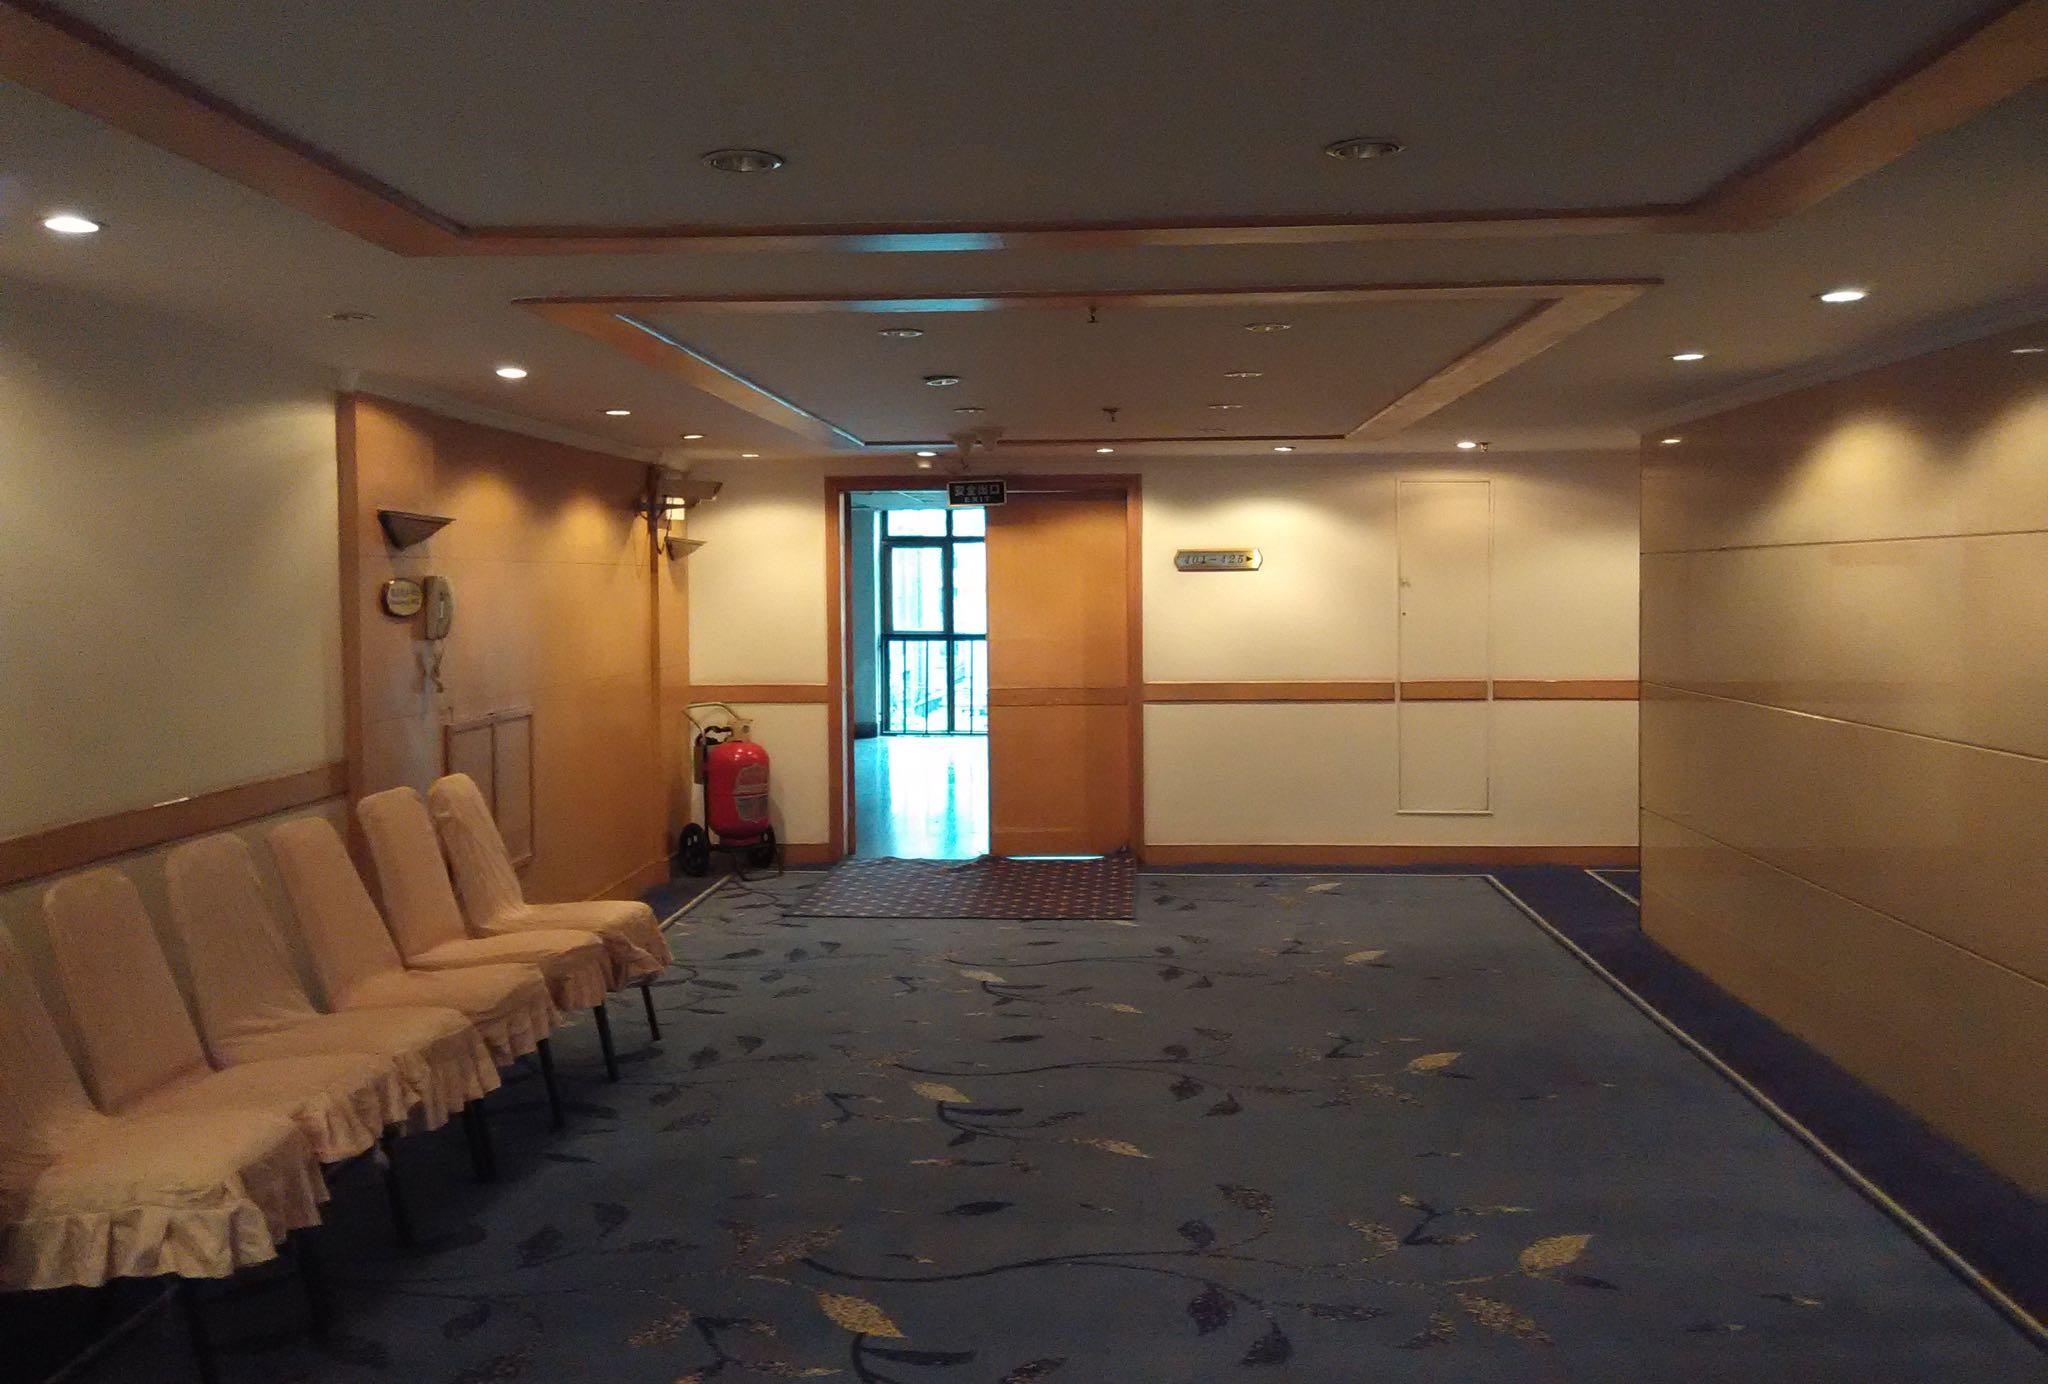 三年前的今天唐城宾馆的这里等待百度的面试官